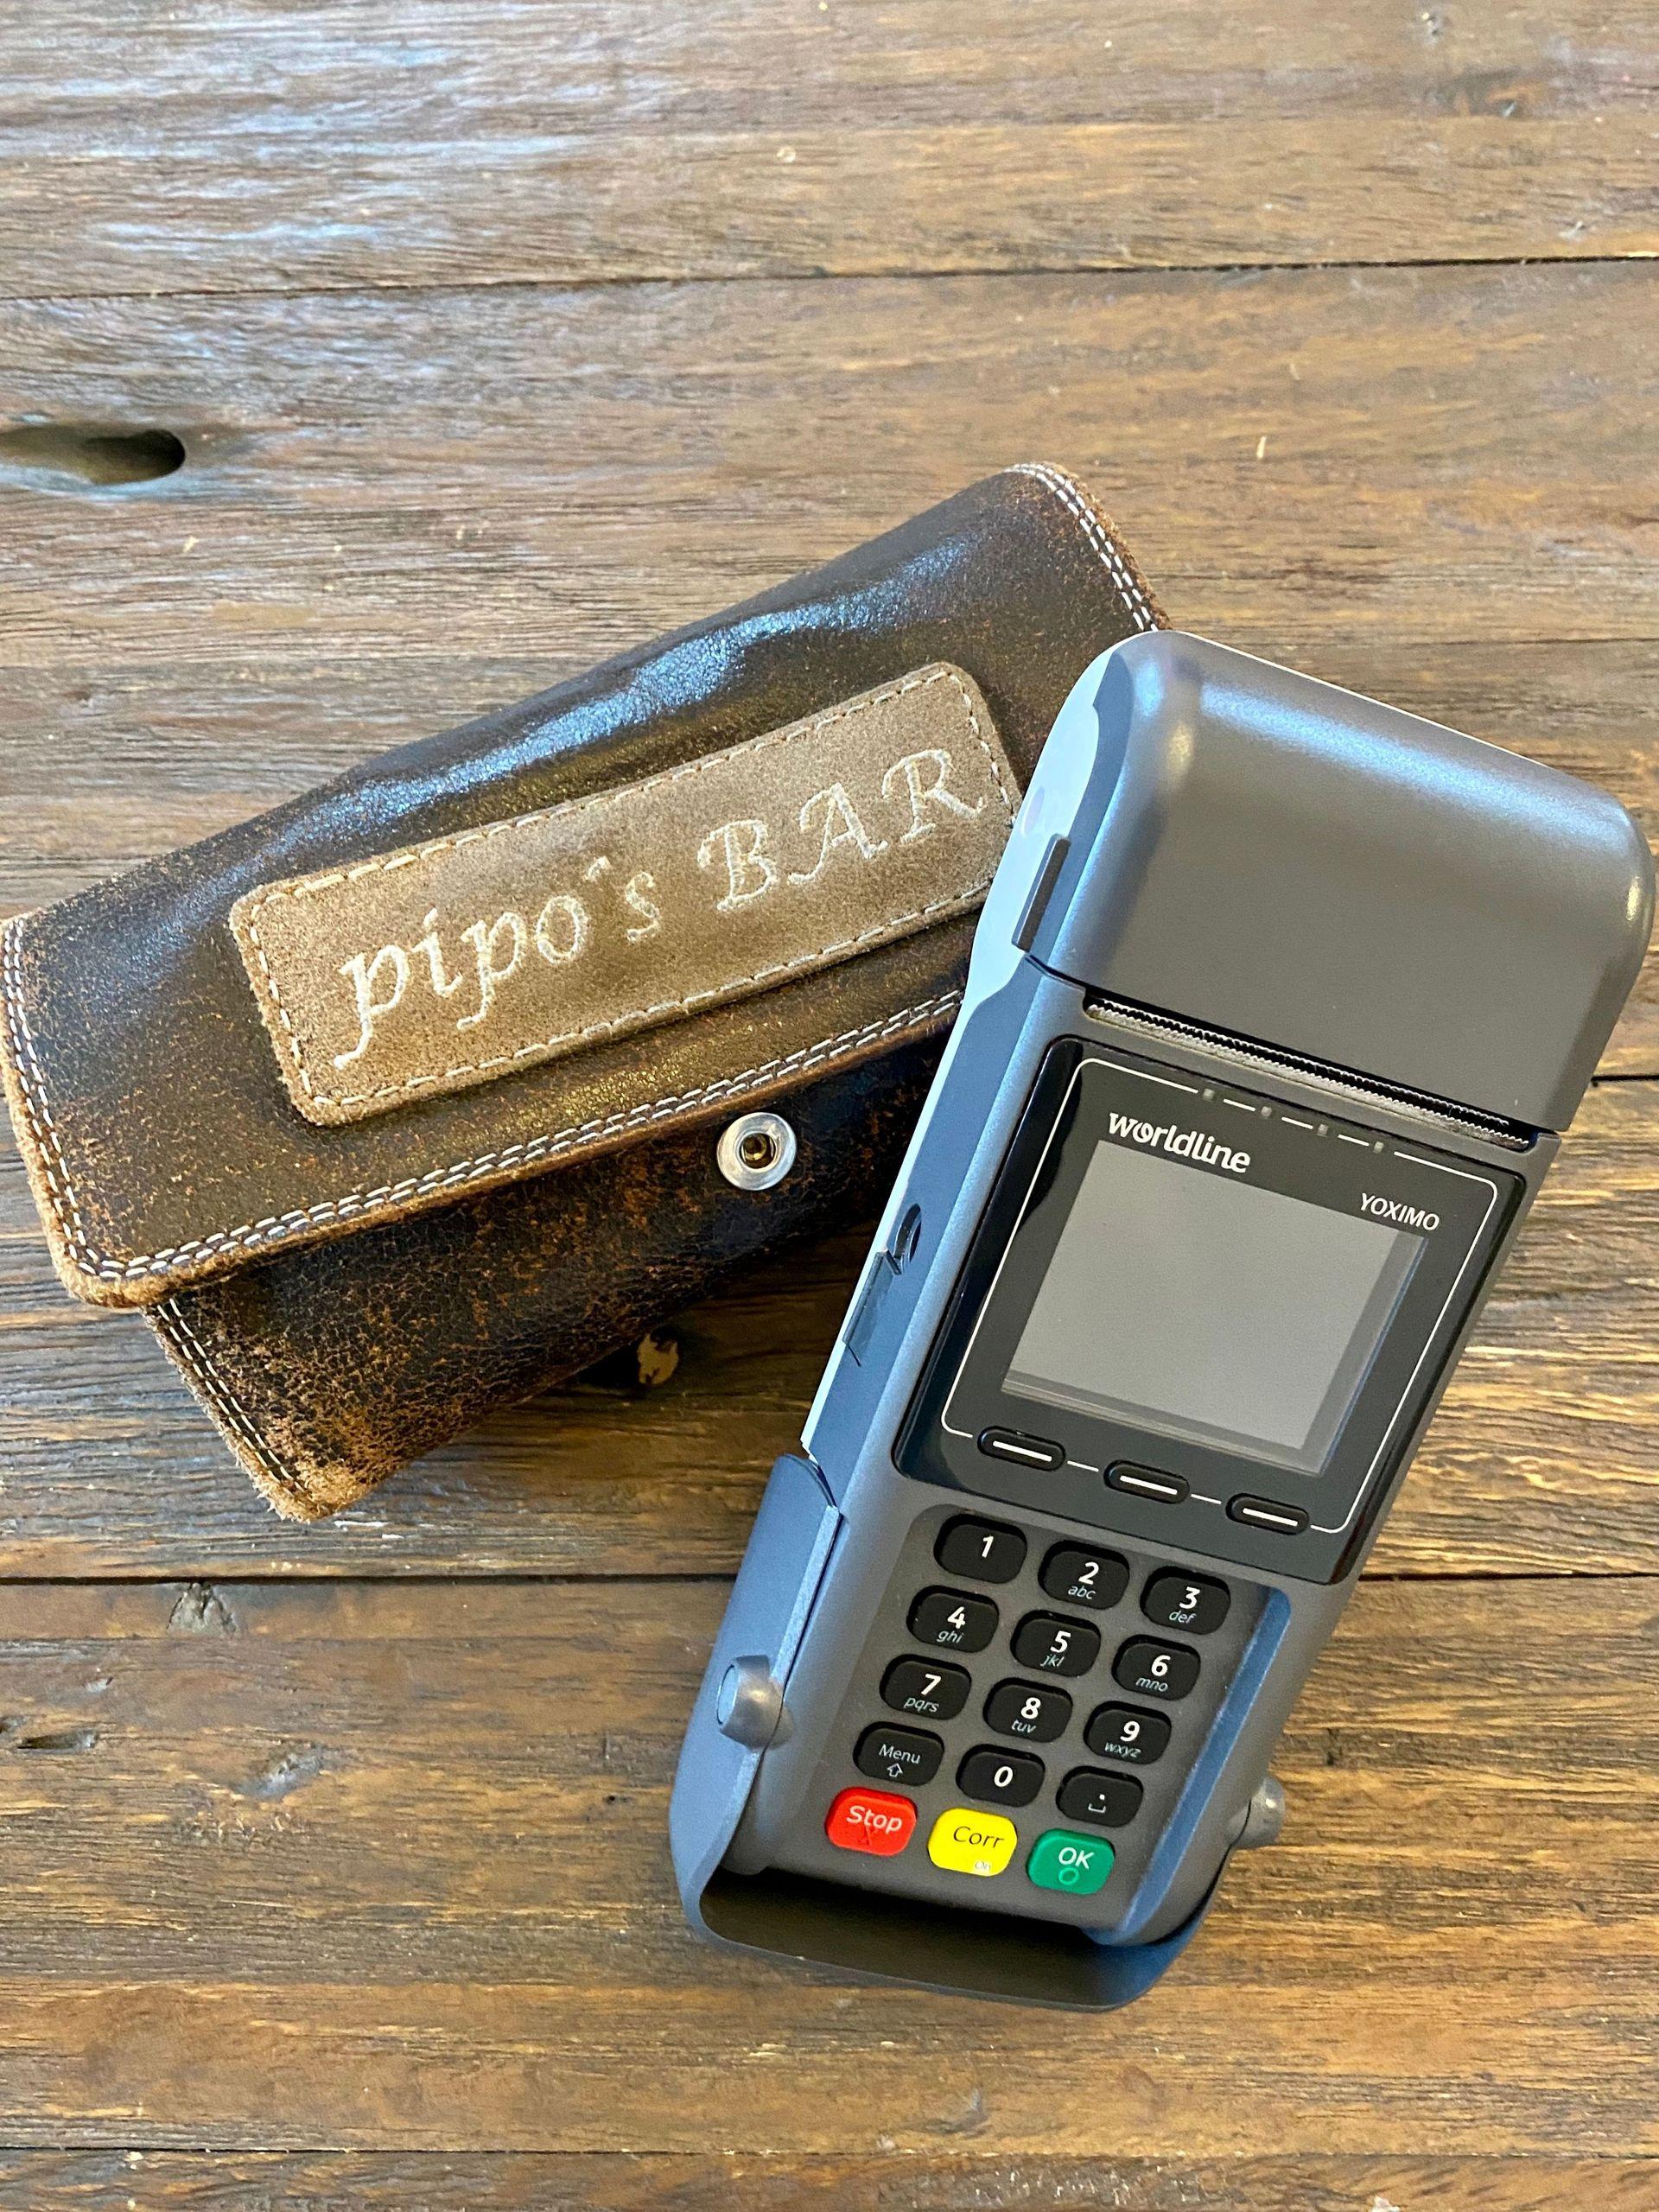 Akzeptierte Zahlungsmittel | pipo's BAR